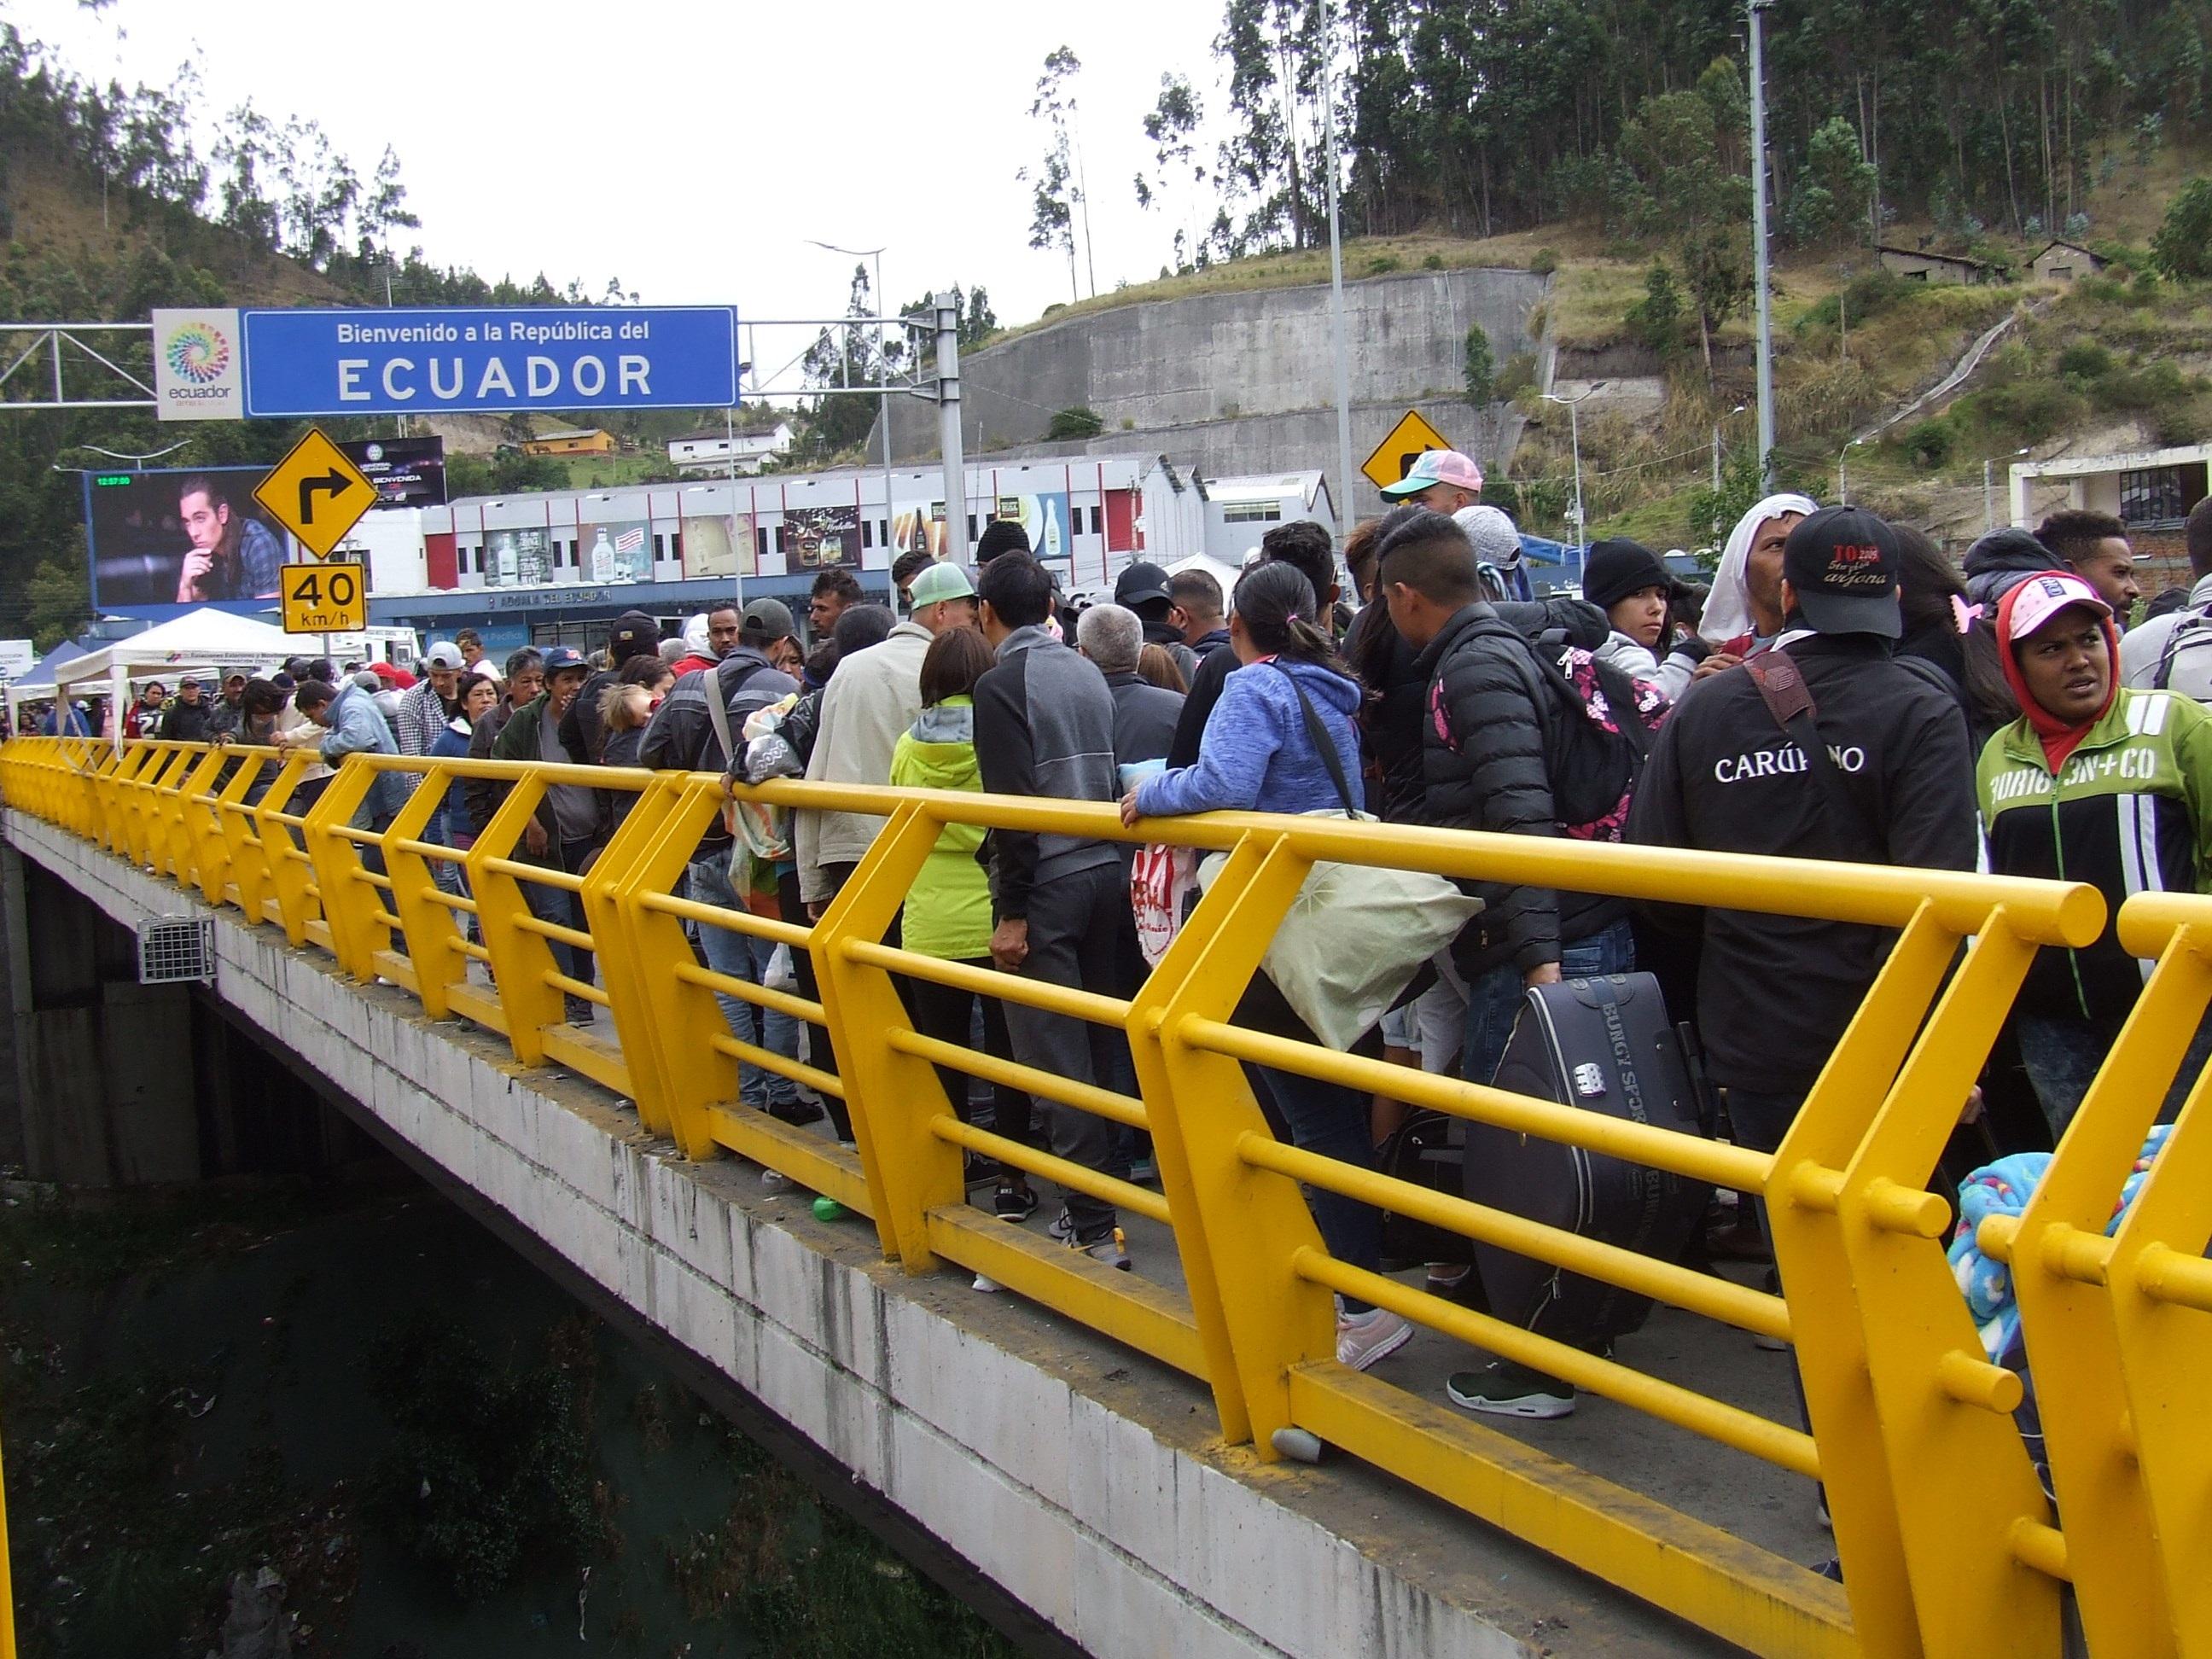 Al menos 10.000 venezolanos tratarán de cruzar a Ecuador antes de implementar nueva visa